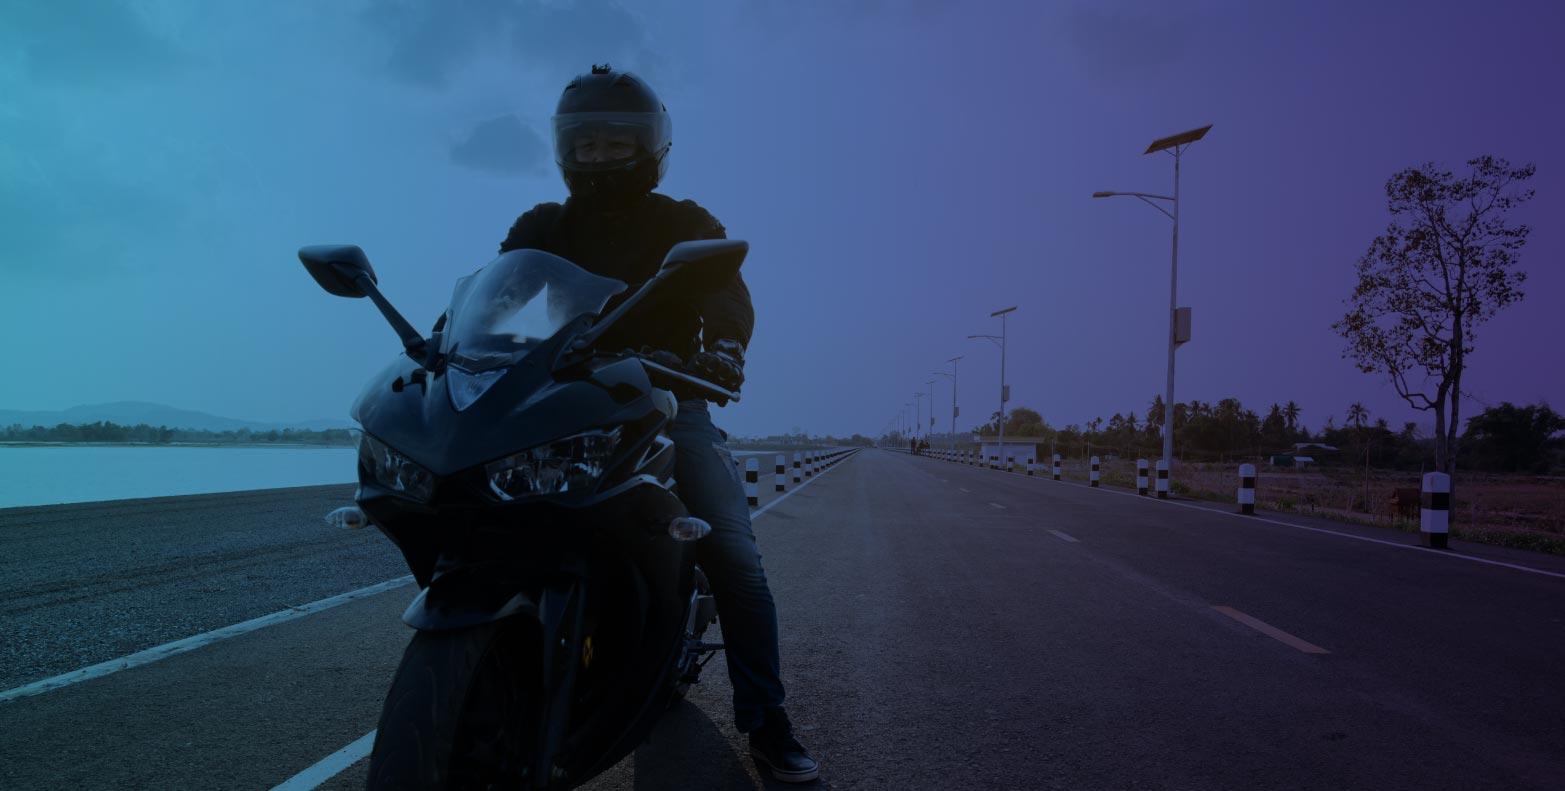 Casco para moto: llévalo siempre para evitar multas y accidentes